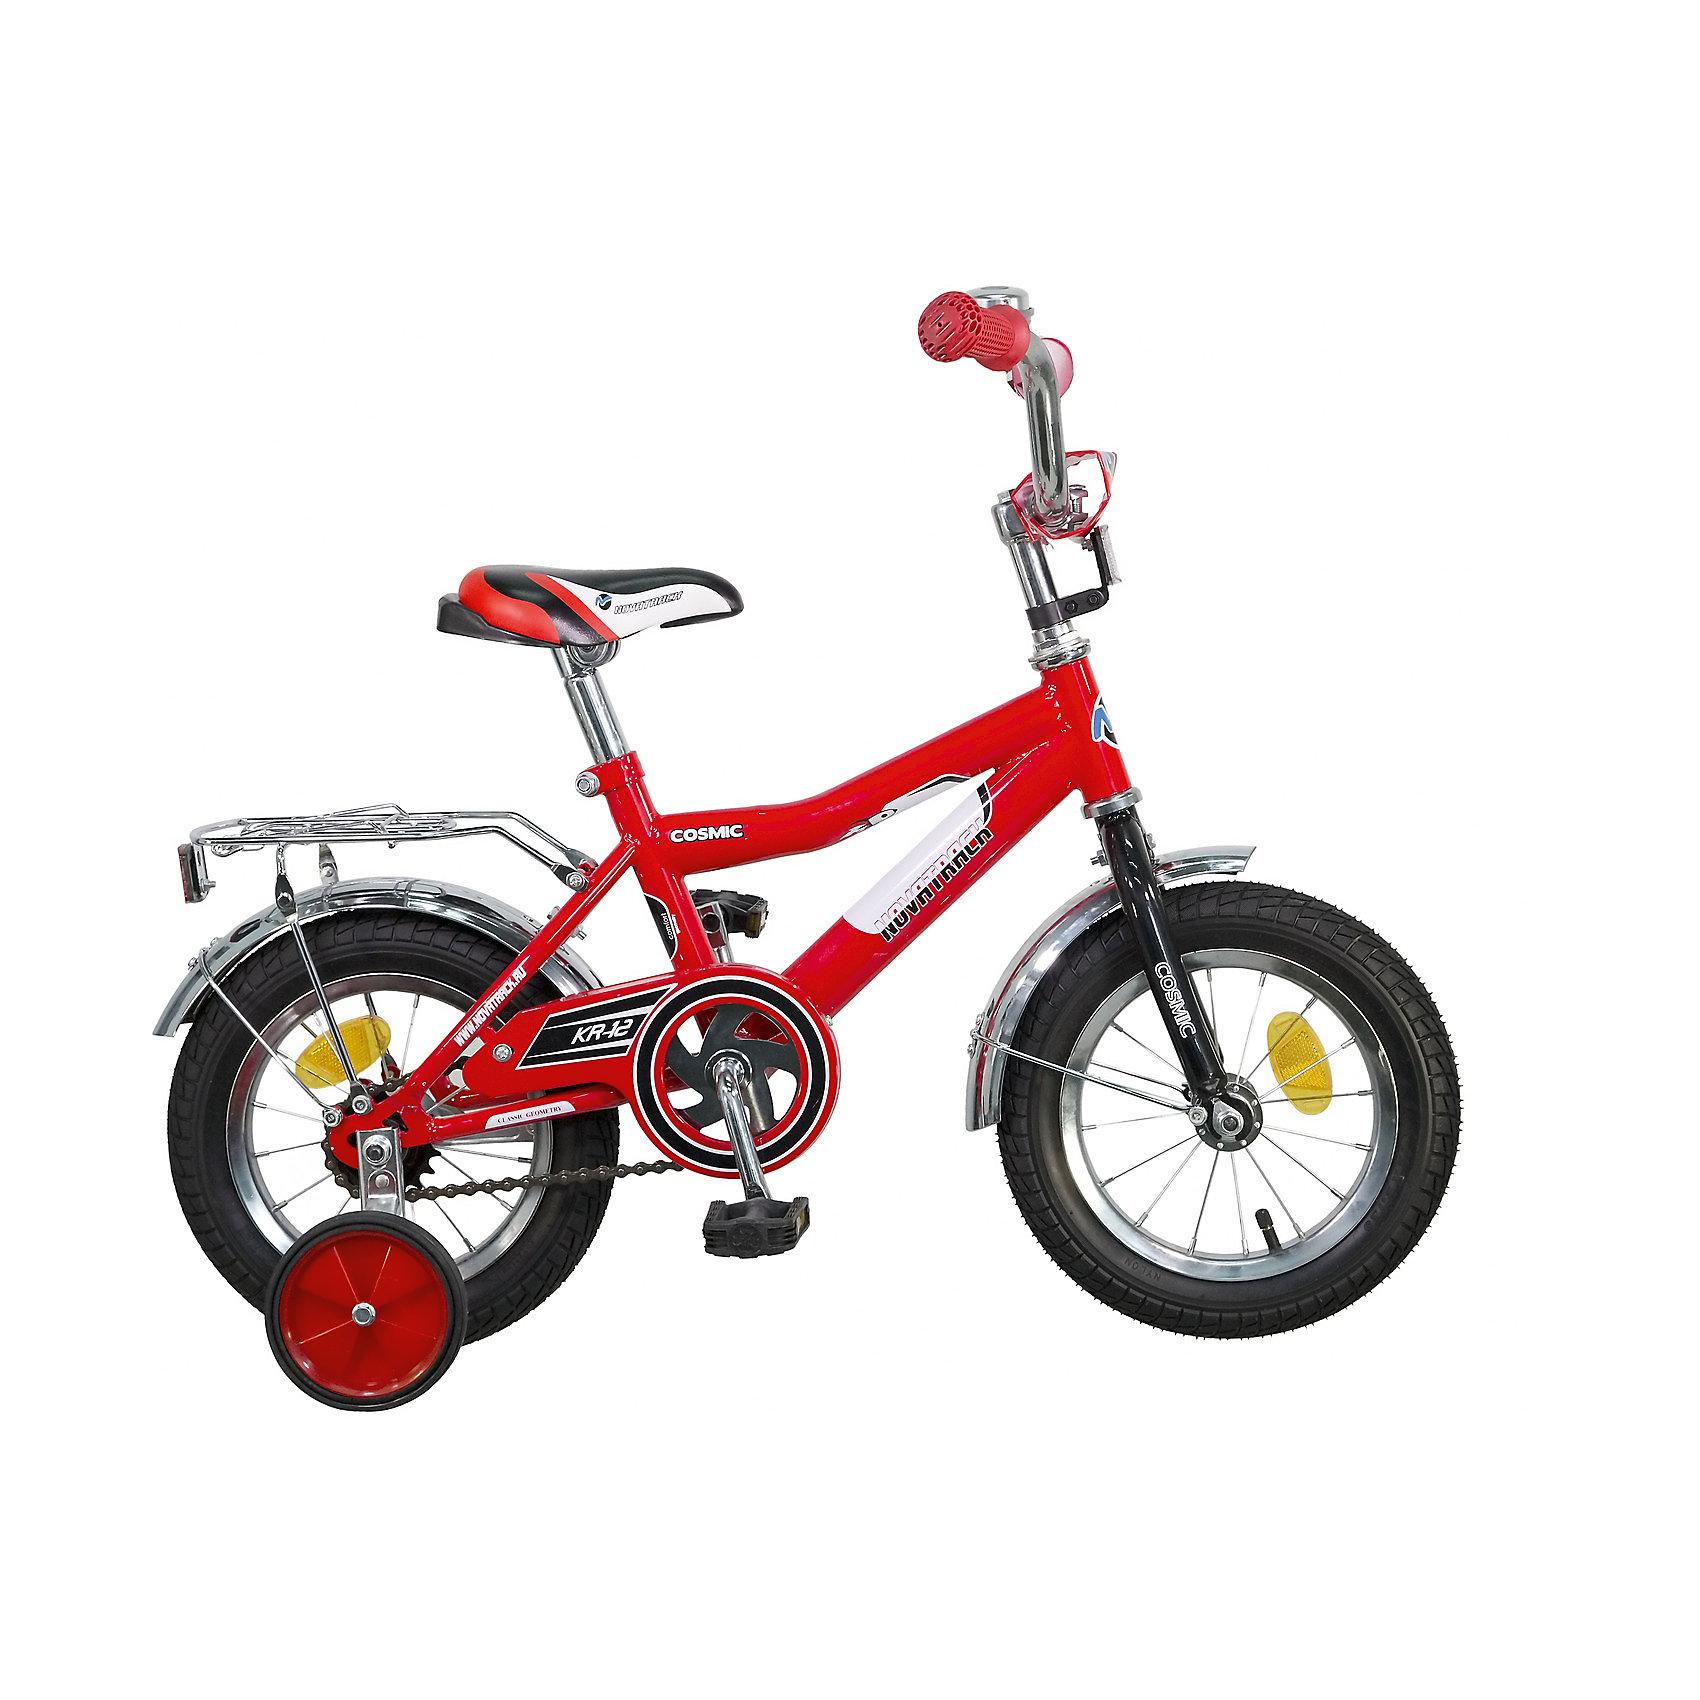 Велосипед COSMIC, красный, 12 дюймов, NovatrackВелосипеды детские<br>Велосипед Novatrack Cosmic 12'' – это абсолютно необходимая вещь для детей 2-4 лет. В этом возрасте у ребят очень большой уровень энергии, которую необходимо выплескивать с пользой для организма, да и кто же по доброй воле откажется от велосипеда, тем более такого, как Cosmic! Велосипед полностью укомплектован и обязательно понравится маленькому велосипедисту. Рама у велосипеда – стальная и очень прочная. Сиденье и руль регулируются по высоте и надежно фиксируются. Ножной задний тормоз не подведет ни на спуске, ни при экстренном торможении. В целях безопасности велосипед оснащен ограничителем руля, который убережет велосипед от опрокидывания при резком повороте. Дополнительную устойчивость железному «коню» обеспечивают два маленьких съемных колеса в цвет велосипеда. Не останутся незамеченными накладка на руль, яркие отражатели-катафоты, стильный звонок, защитный кожух для цепи, хромированный багажник, а также крылья, которые защитят от грязи и брызг.<br><br>Ширина мм: 810<br>Глубина мм: 185<br>Высота мм: 410<br>Вес г: 94000<br>Возраст от месяцев: 36<br>Возраст до месяцев: 60<br>Пол: Унисекс<br>Возраст: Детский<br>SKU: 5613206